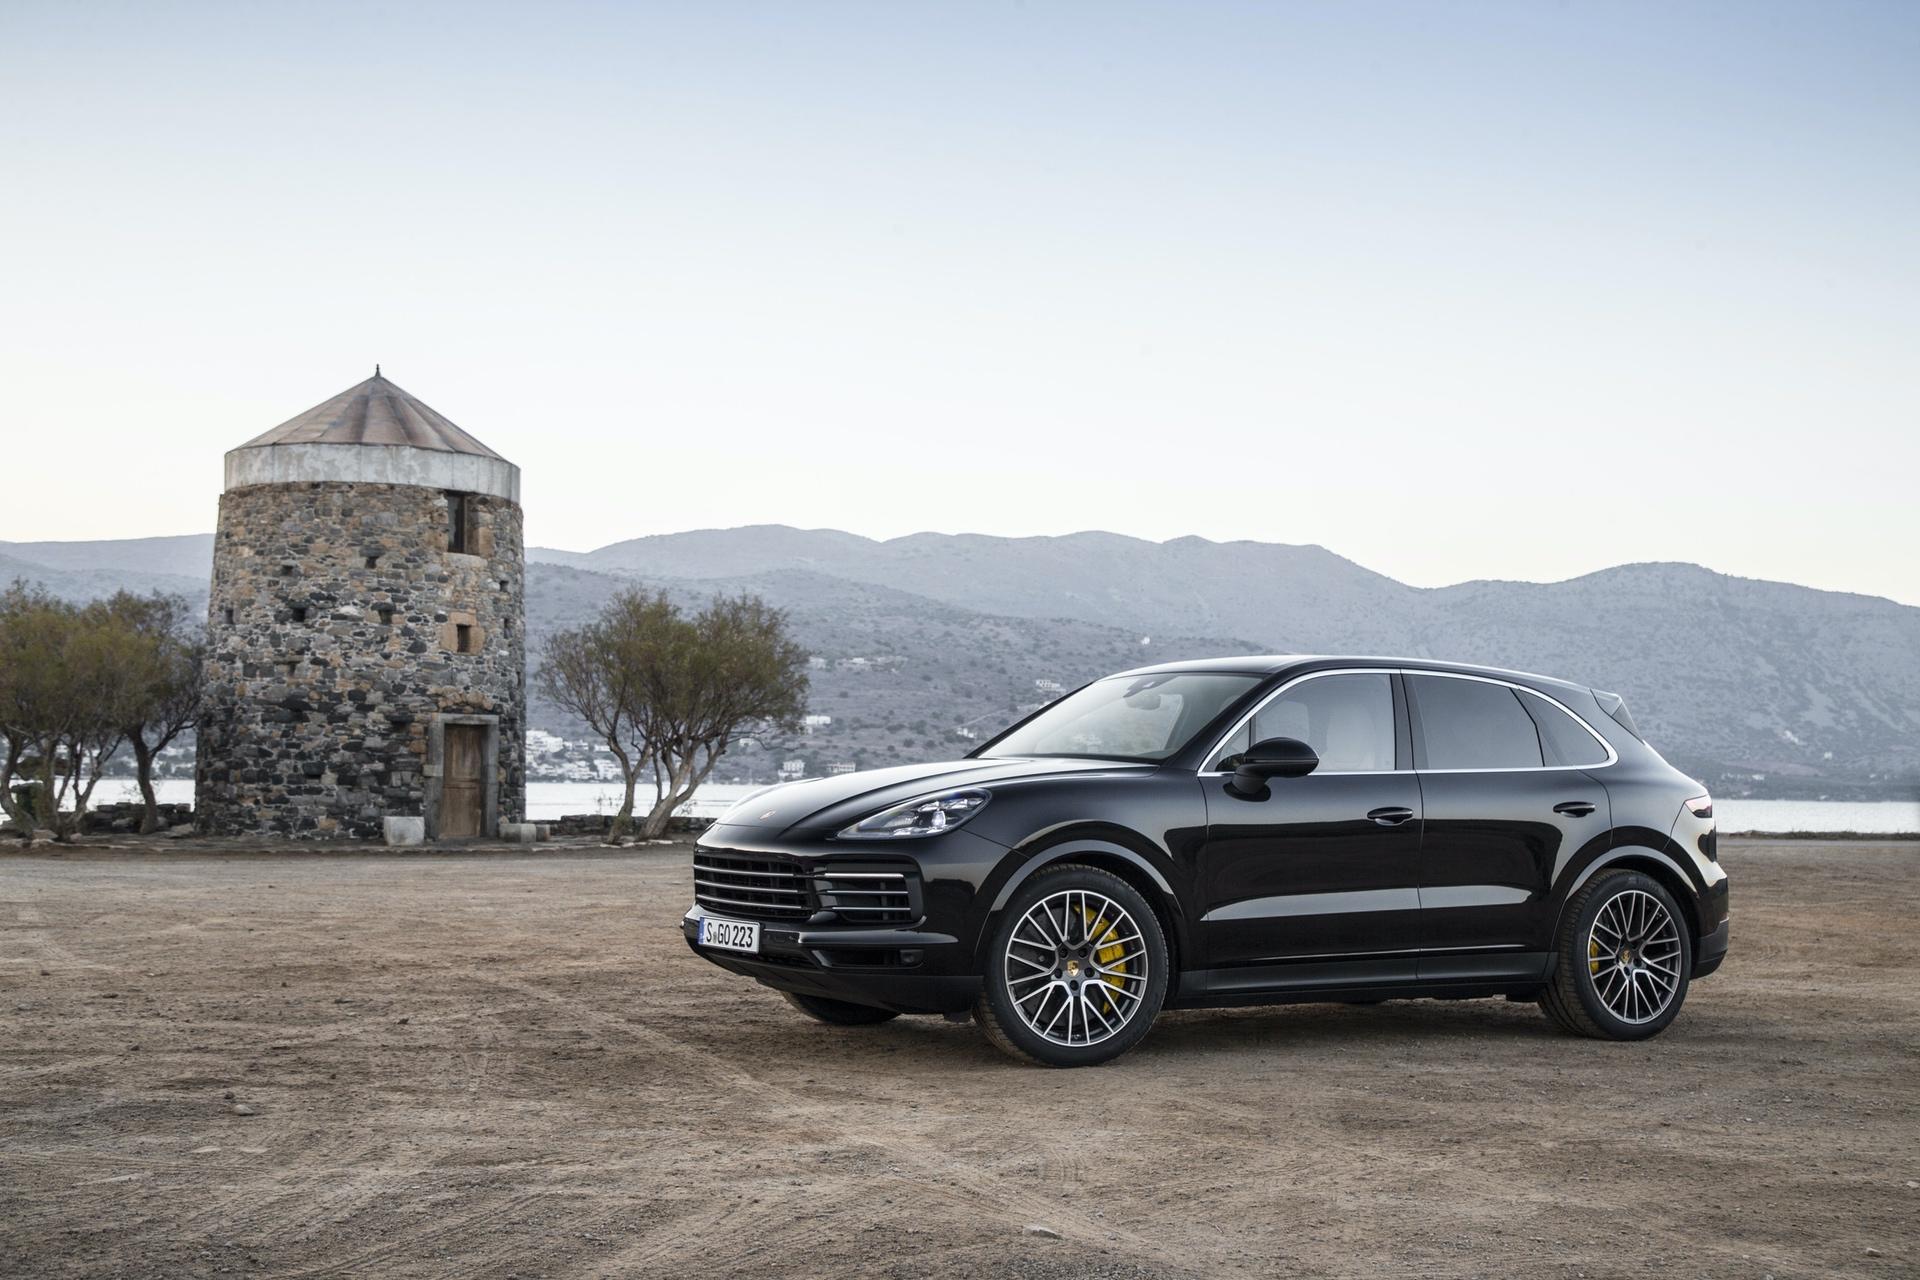 Test_Drive_Porsche_Cayenne_307